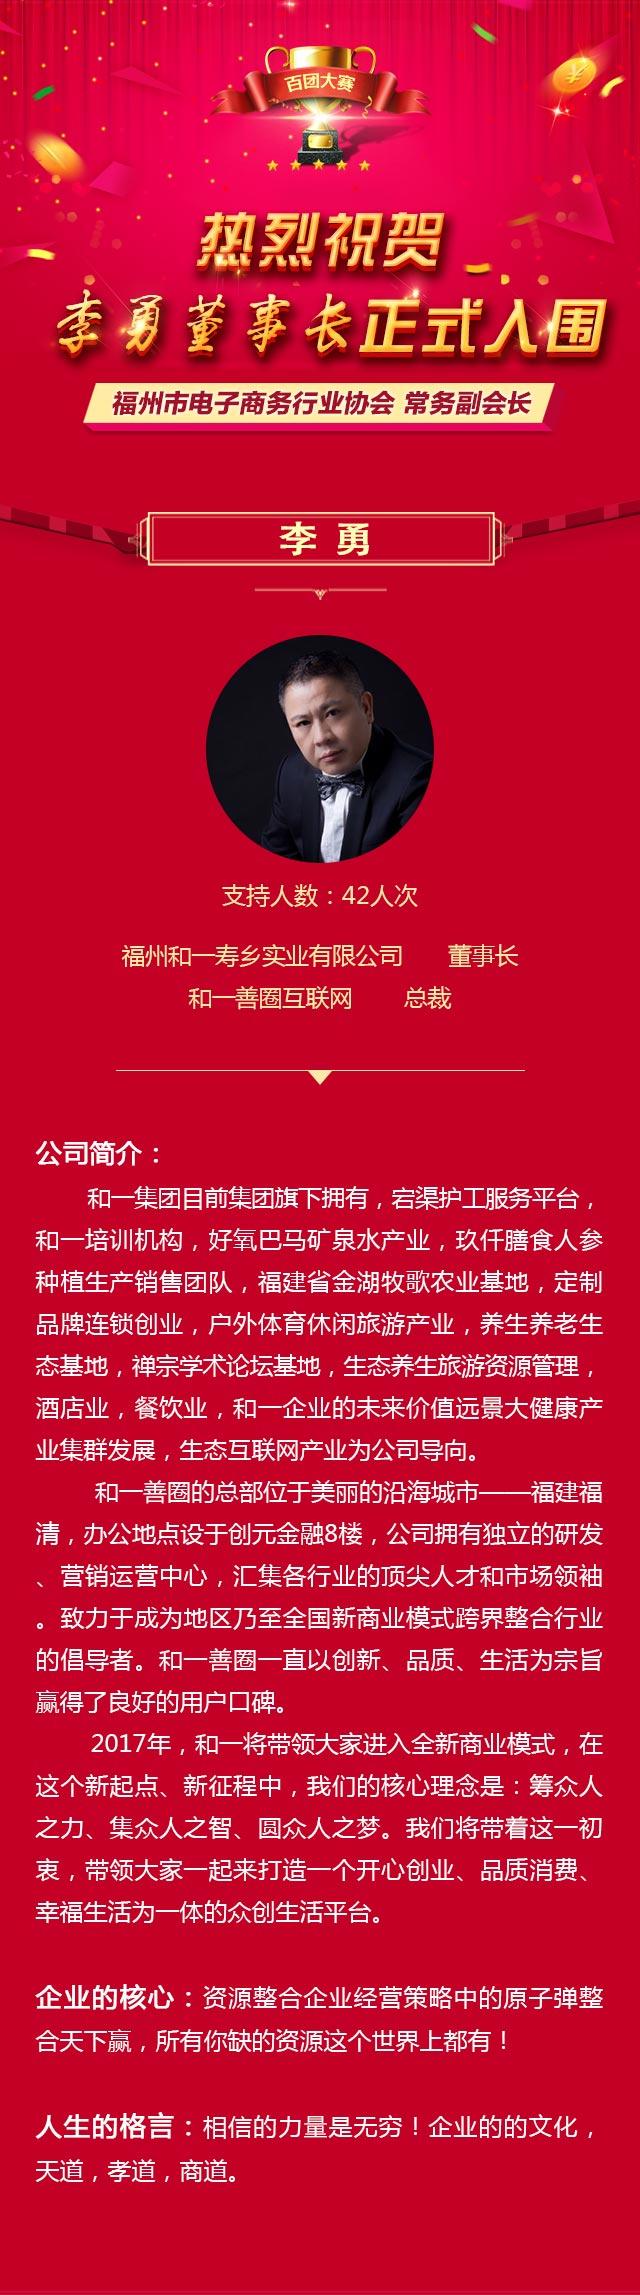 热烈祝贺李勇董事长正式入围福州市竞博联盟伙伴行业协会常务副会长.jpg